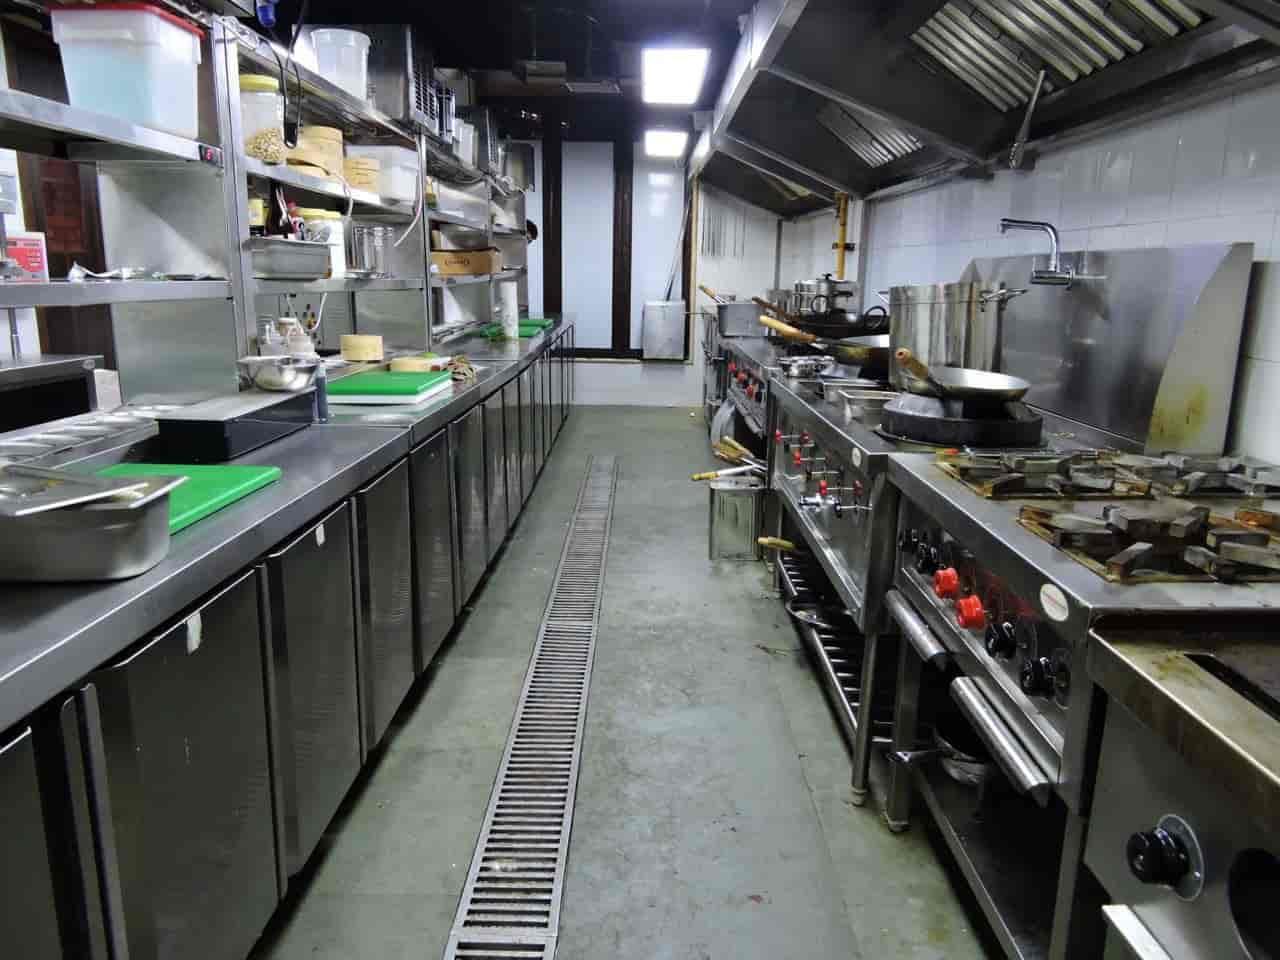 Dream Kitchens India (a Unit Of R v  Kitchens), Janakpuri